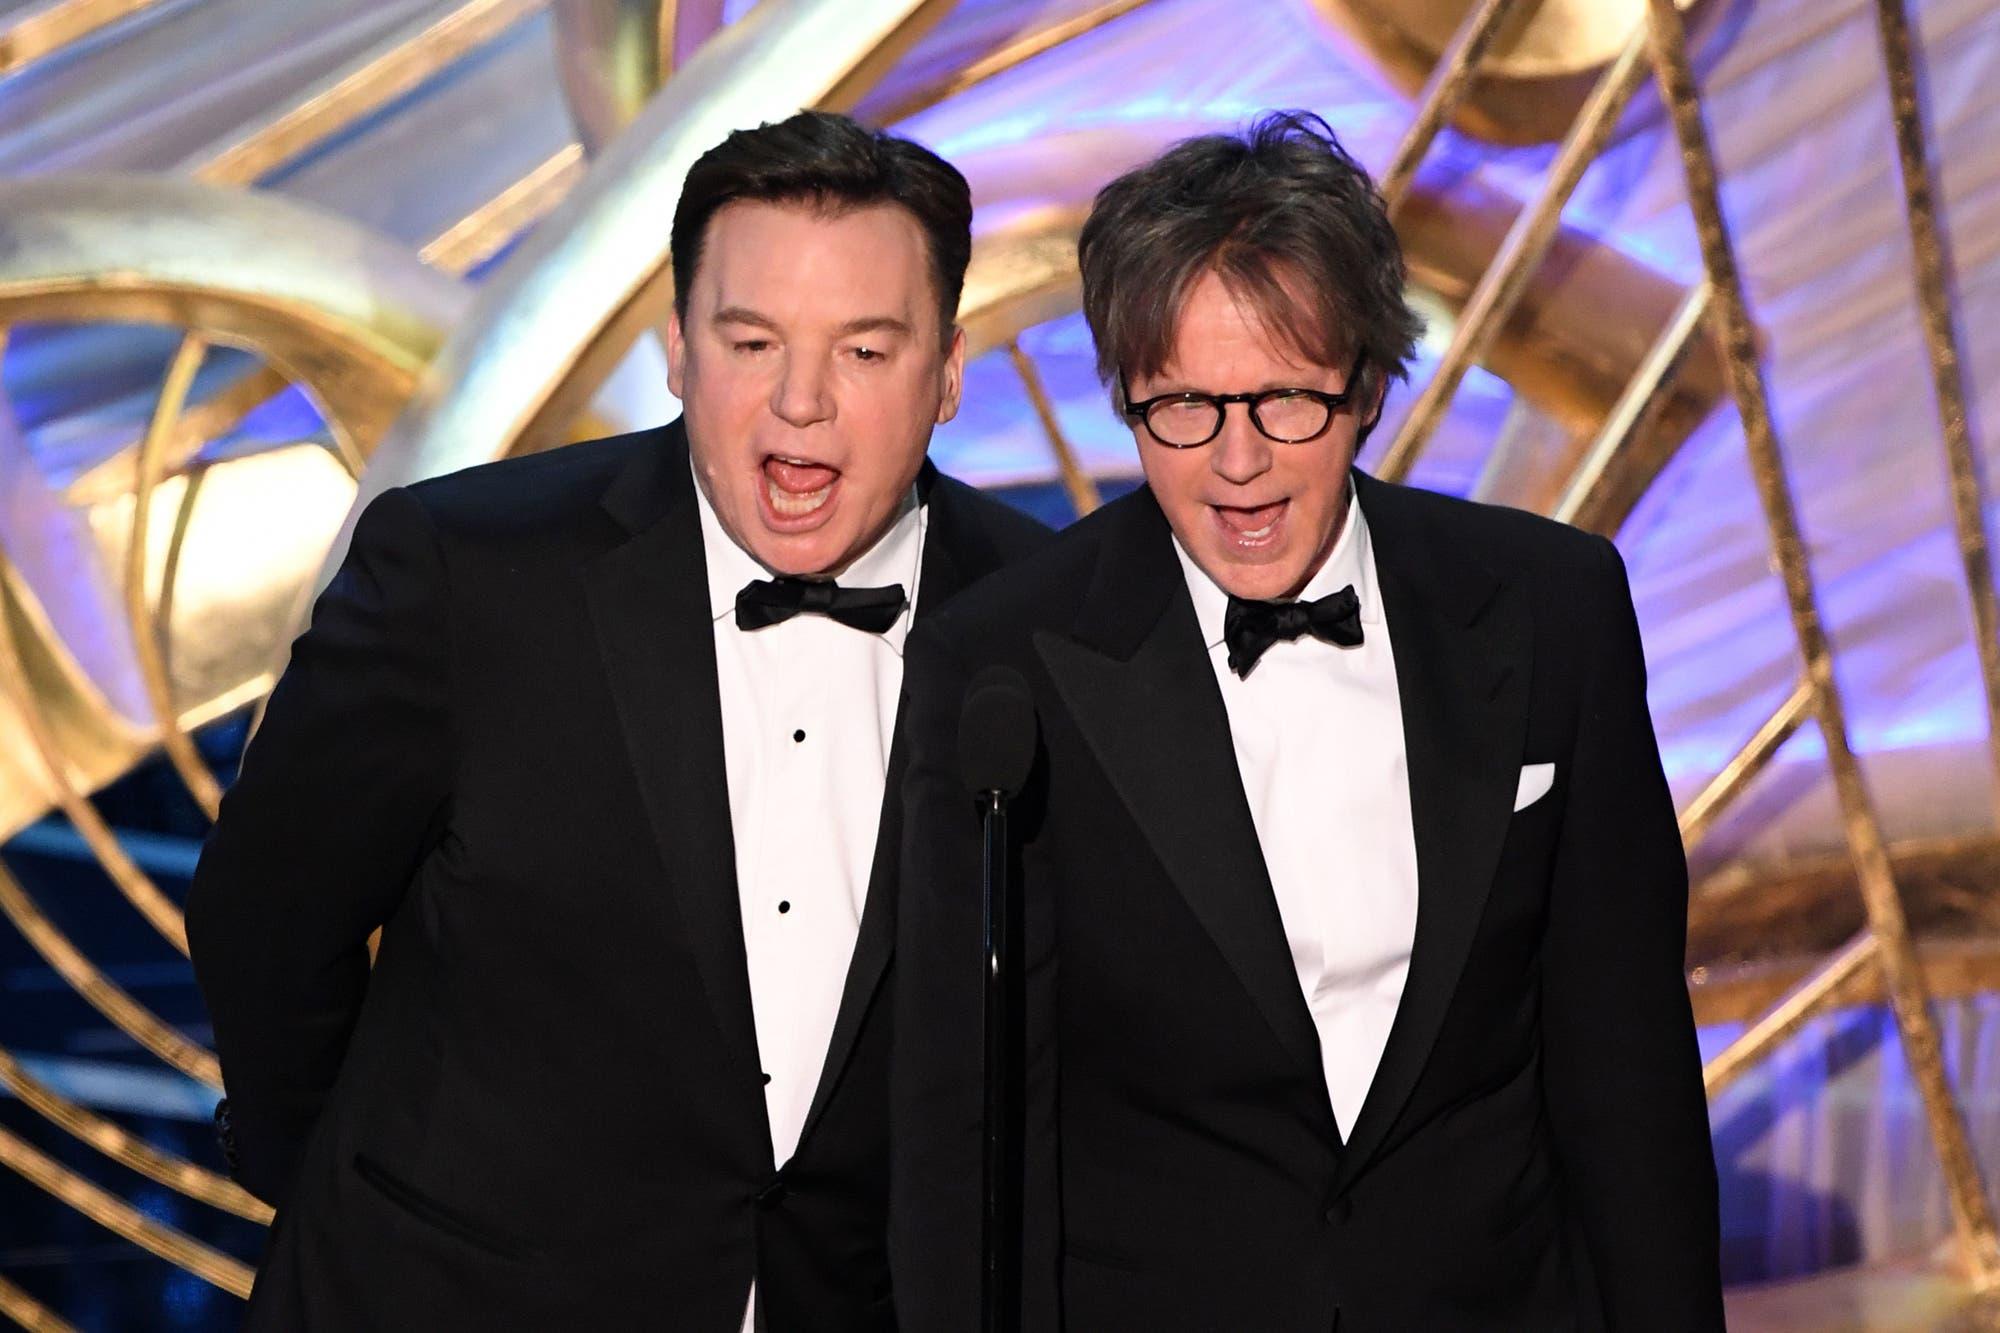 Premios Oscar 2019: los protagonistas de El mundo según Wayne tomaron el escenario